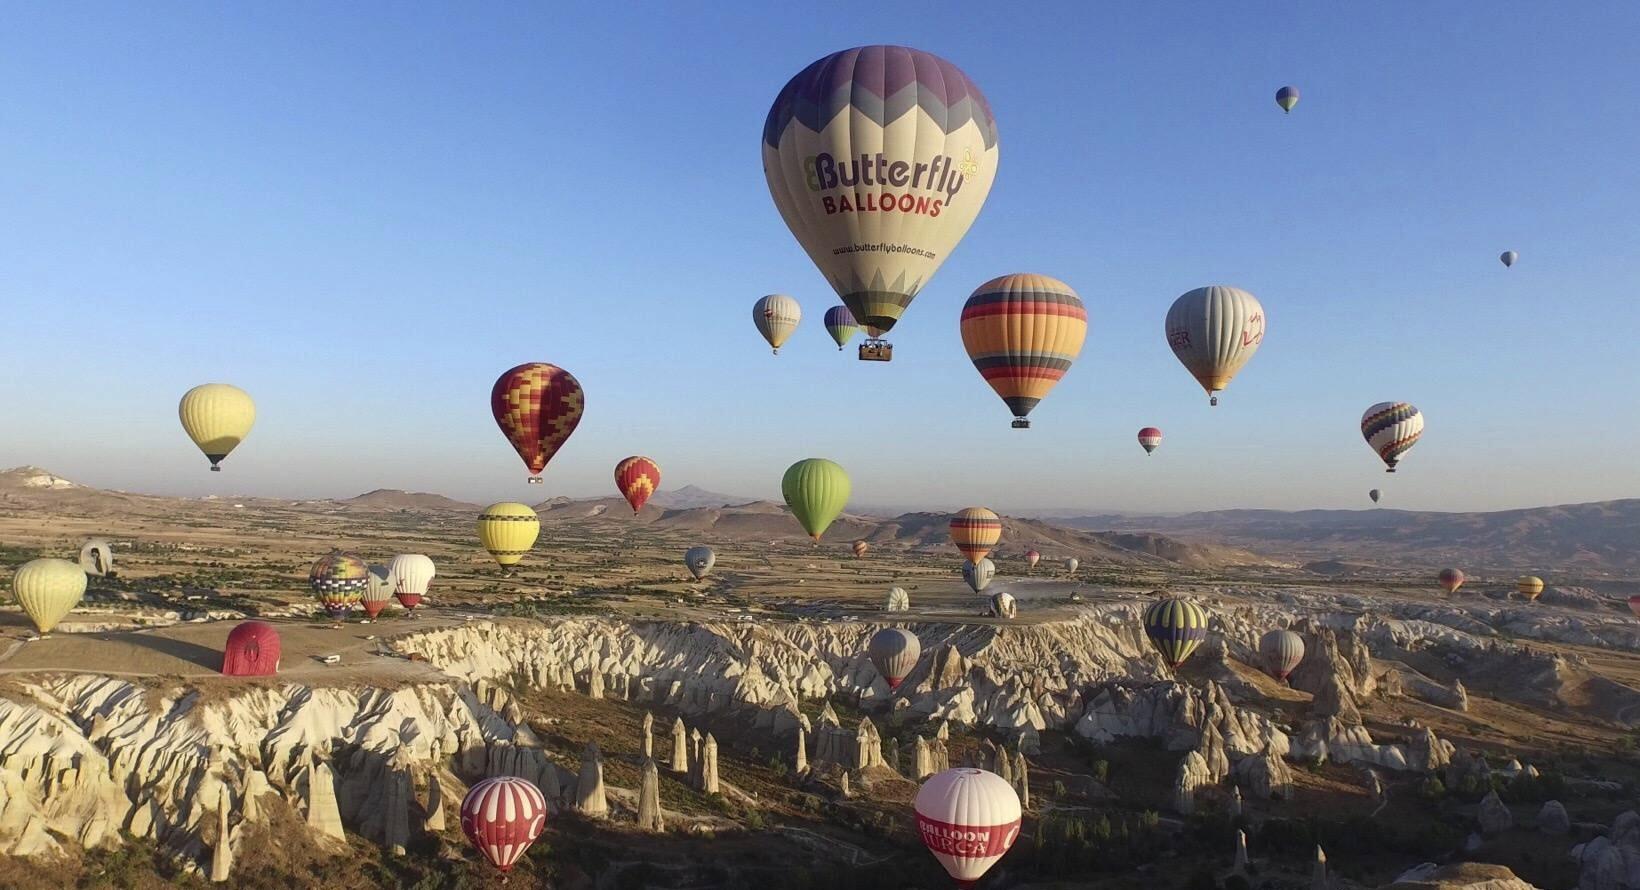 【5月】土耳其10天(恰纳卡莱+切什梅+阿拉恰特)蓝色浪漫之旅